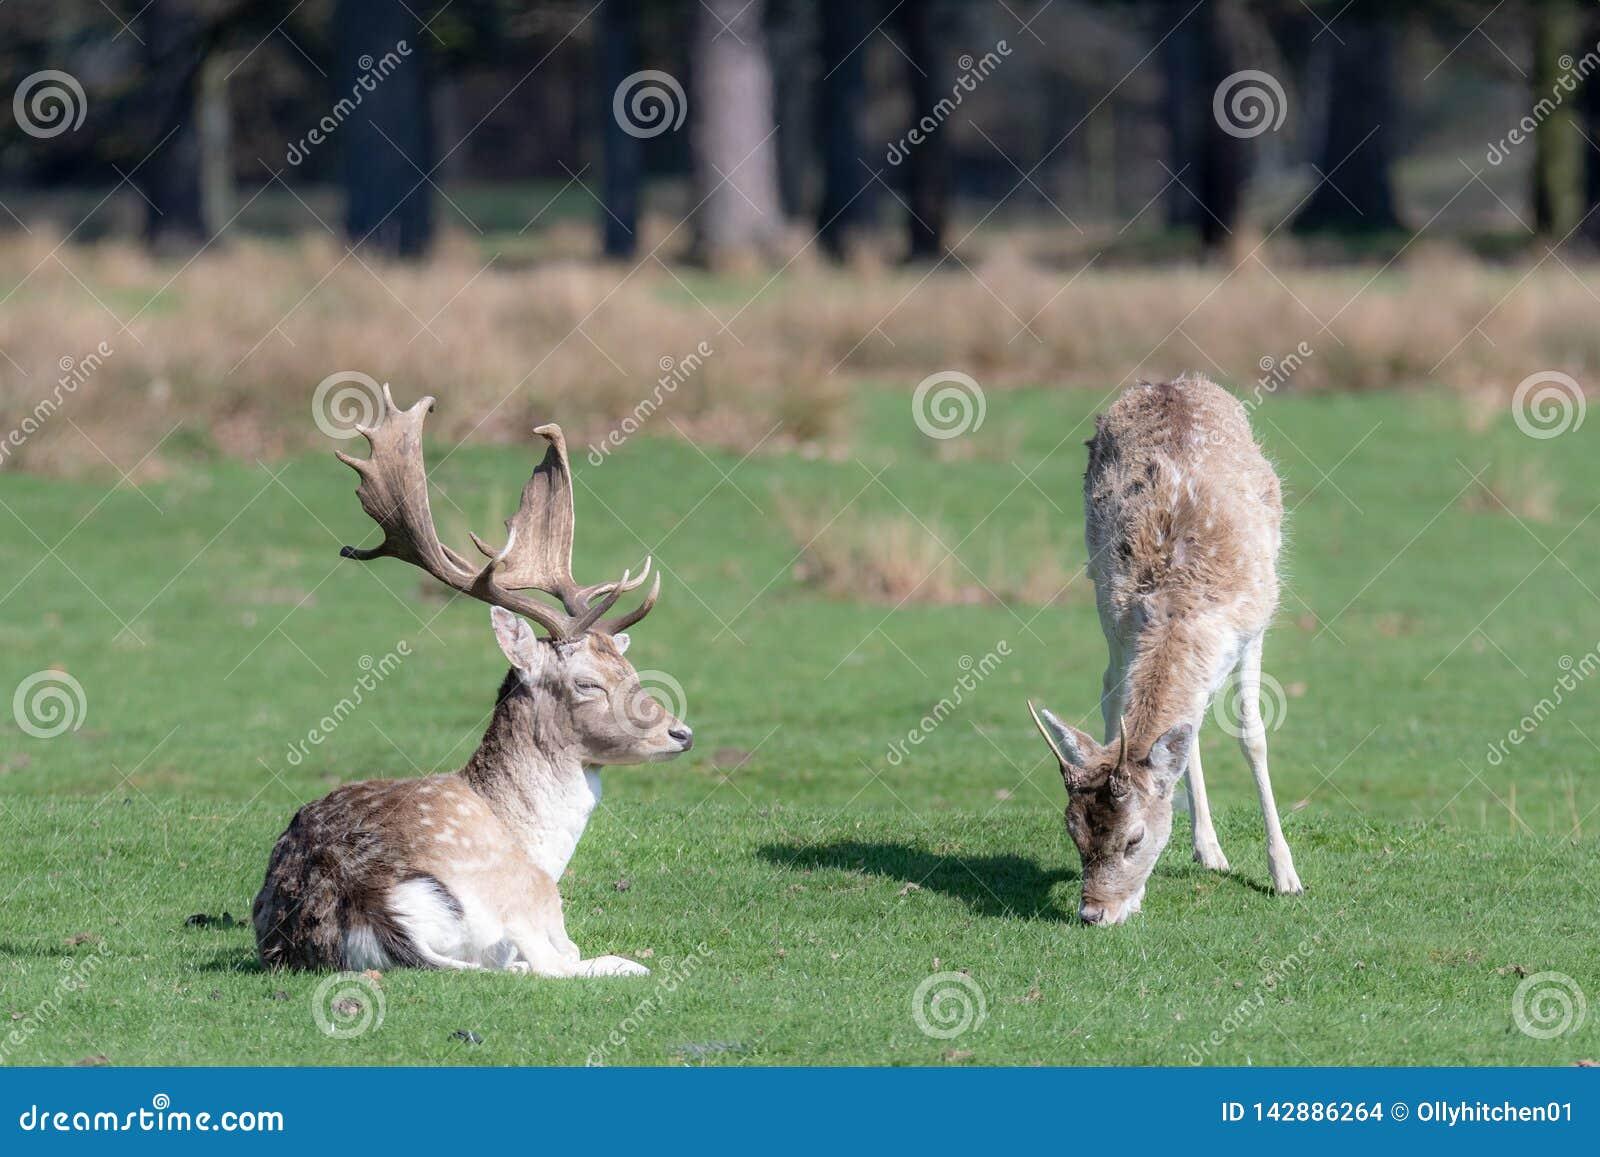 Żeński ugoru rogacz pasa obok siedzącego jelenia